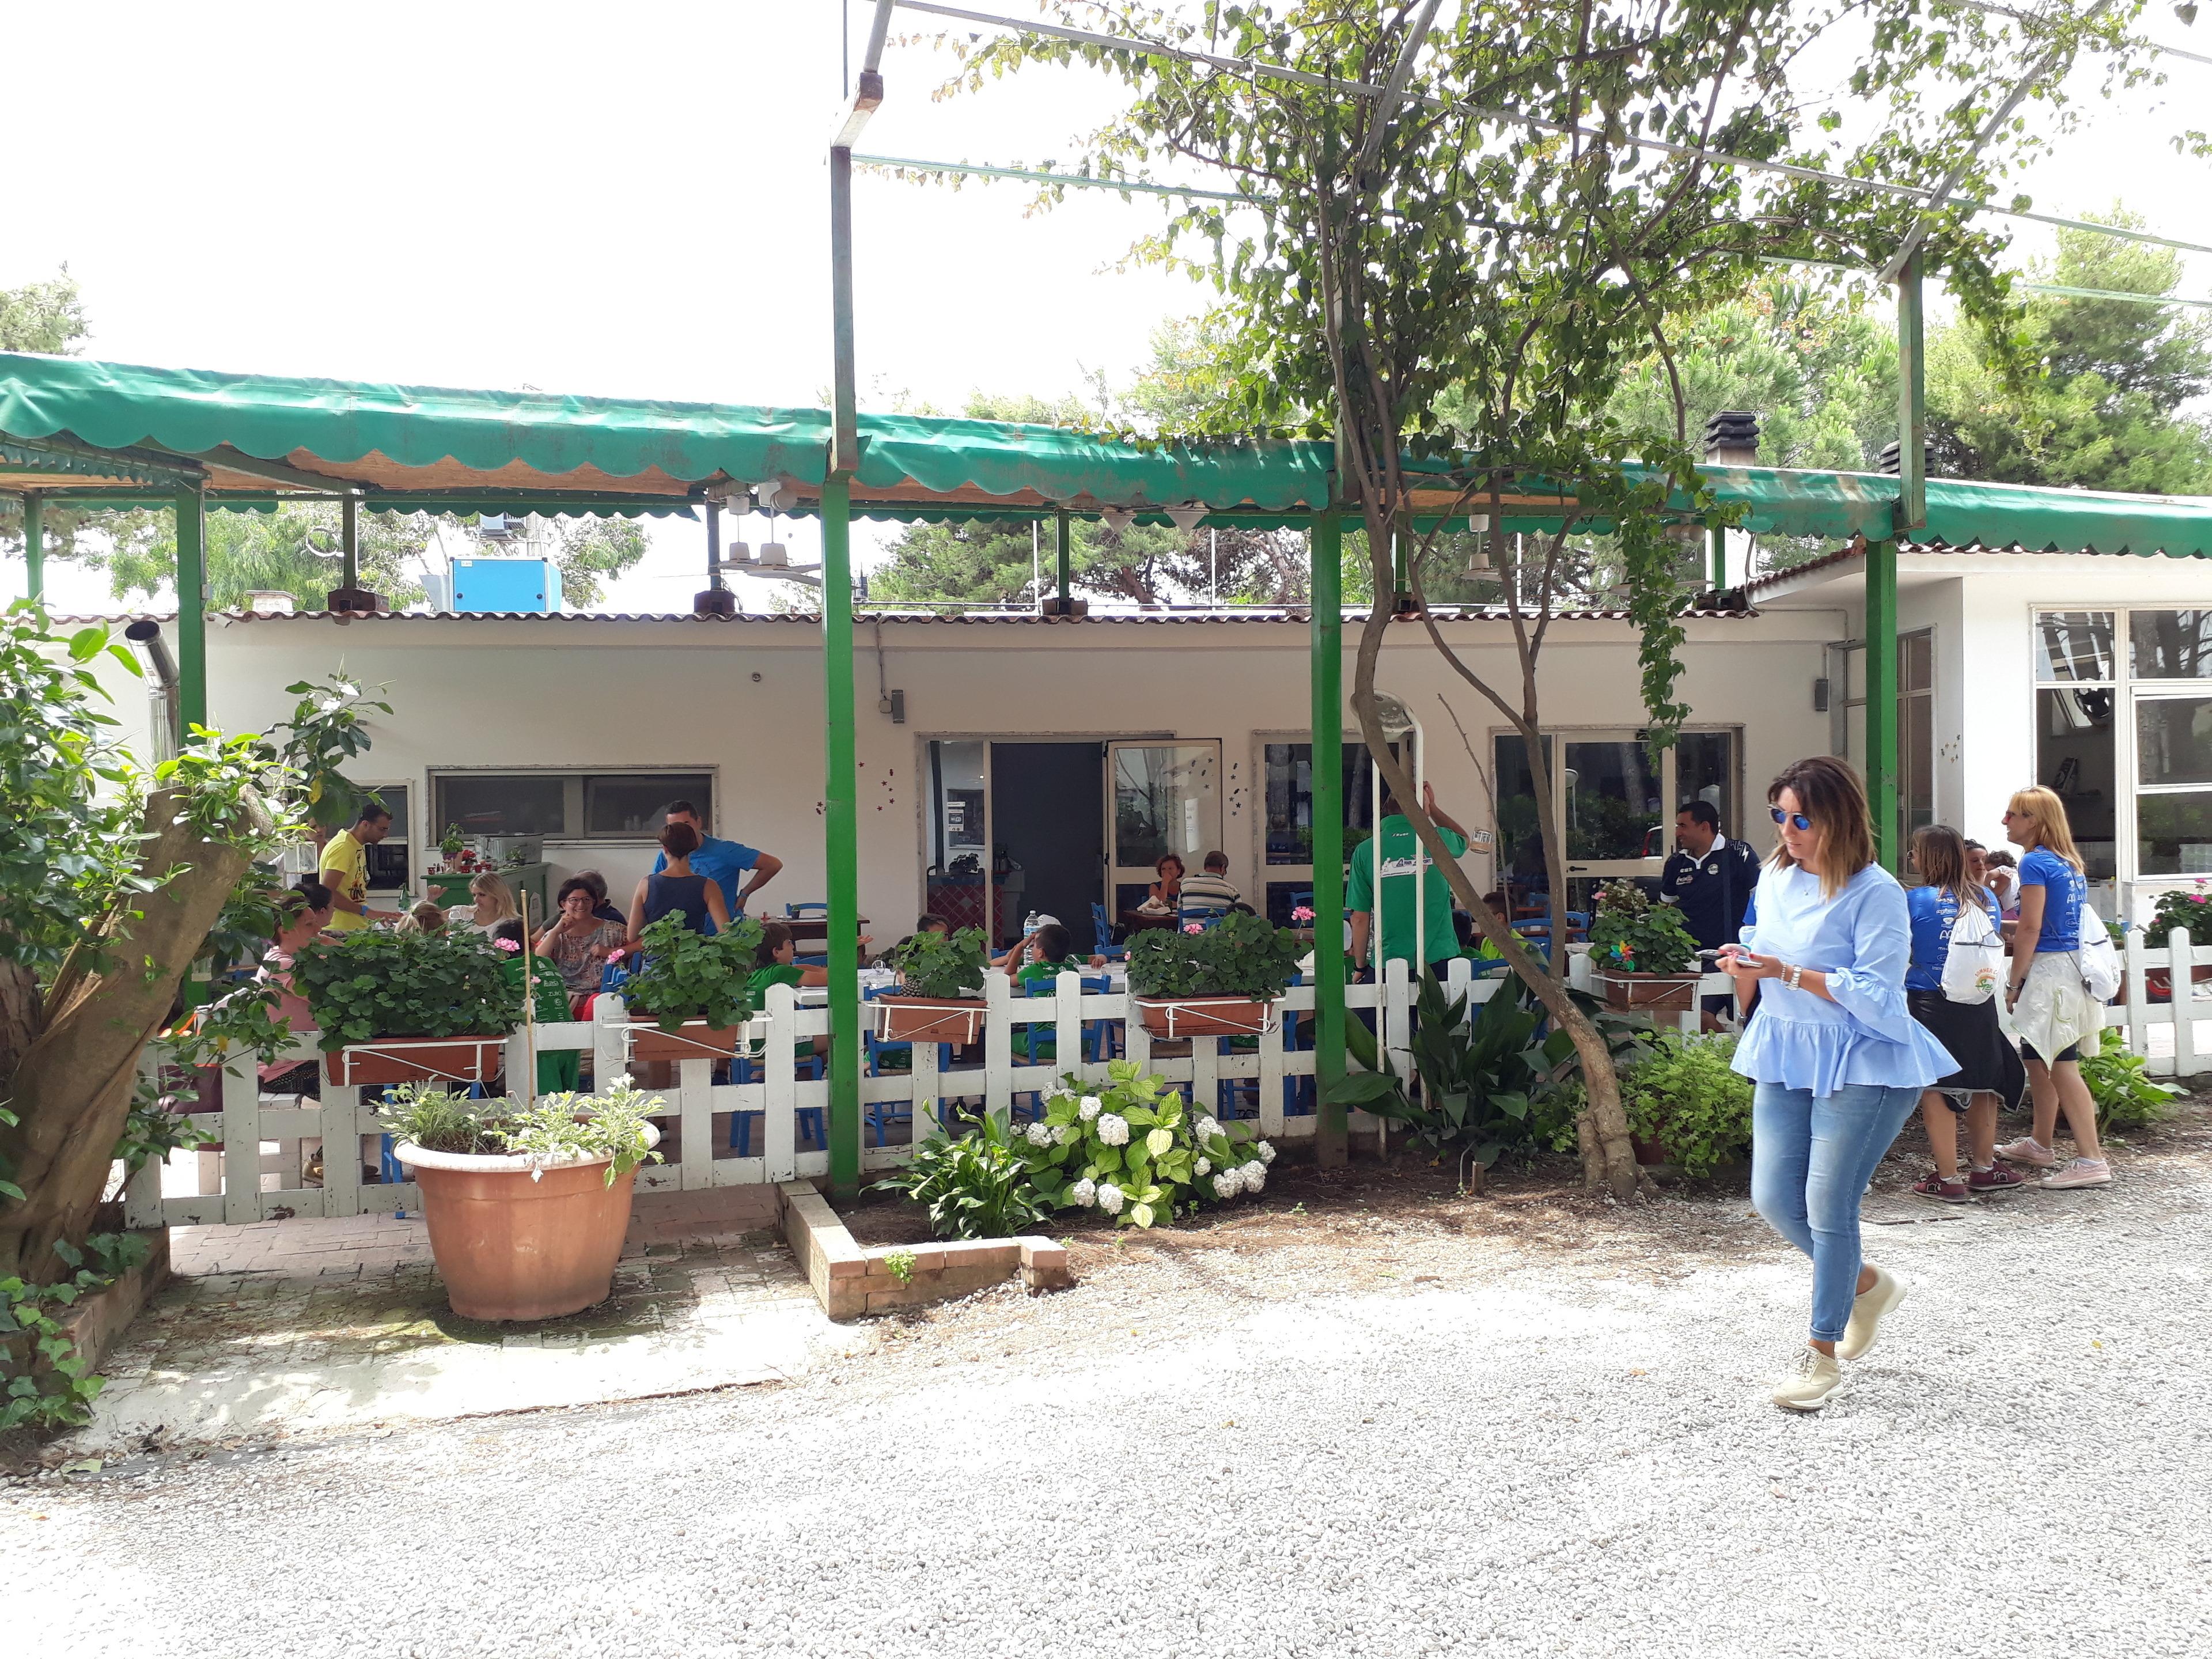 Ferienhaus 4 Personen Bungalow (2713407), Licinella, Salerno, Kampanien, Italien, Bild 5